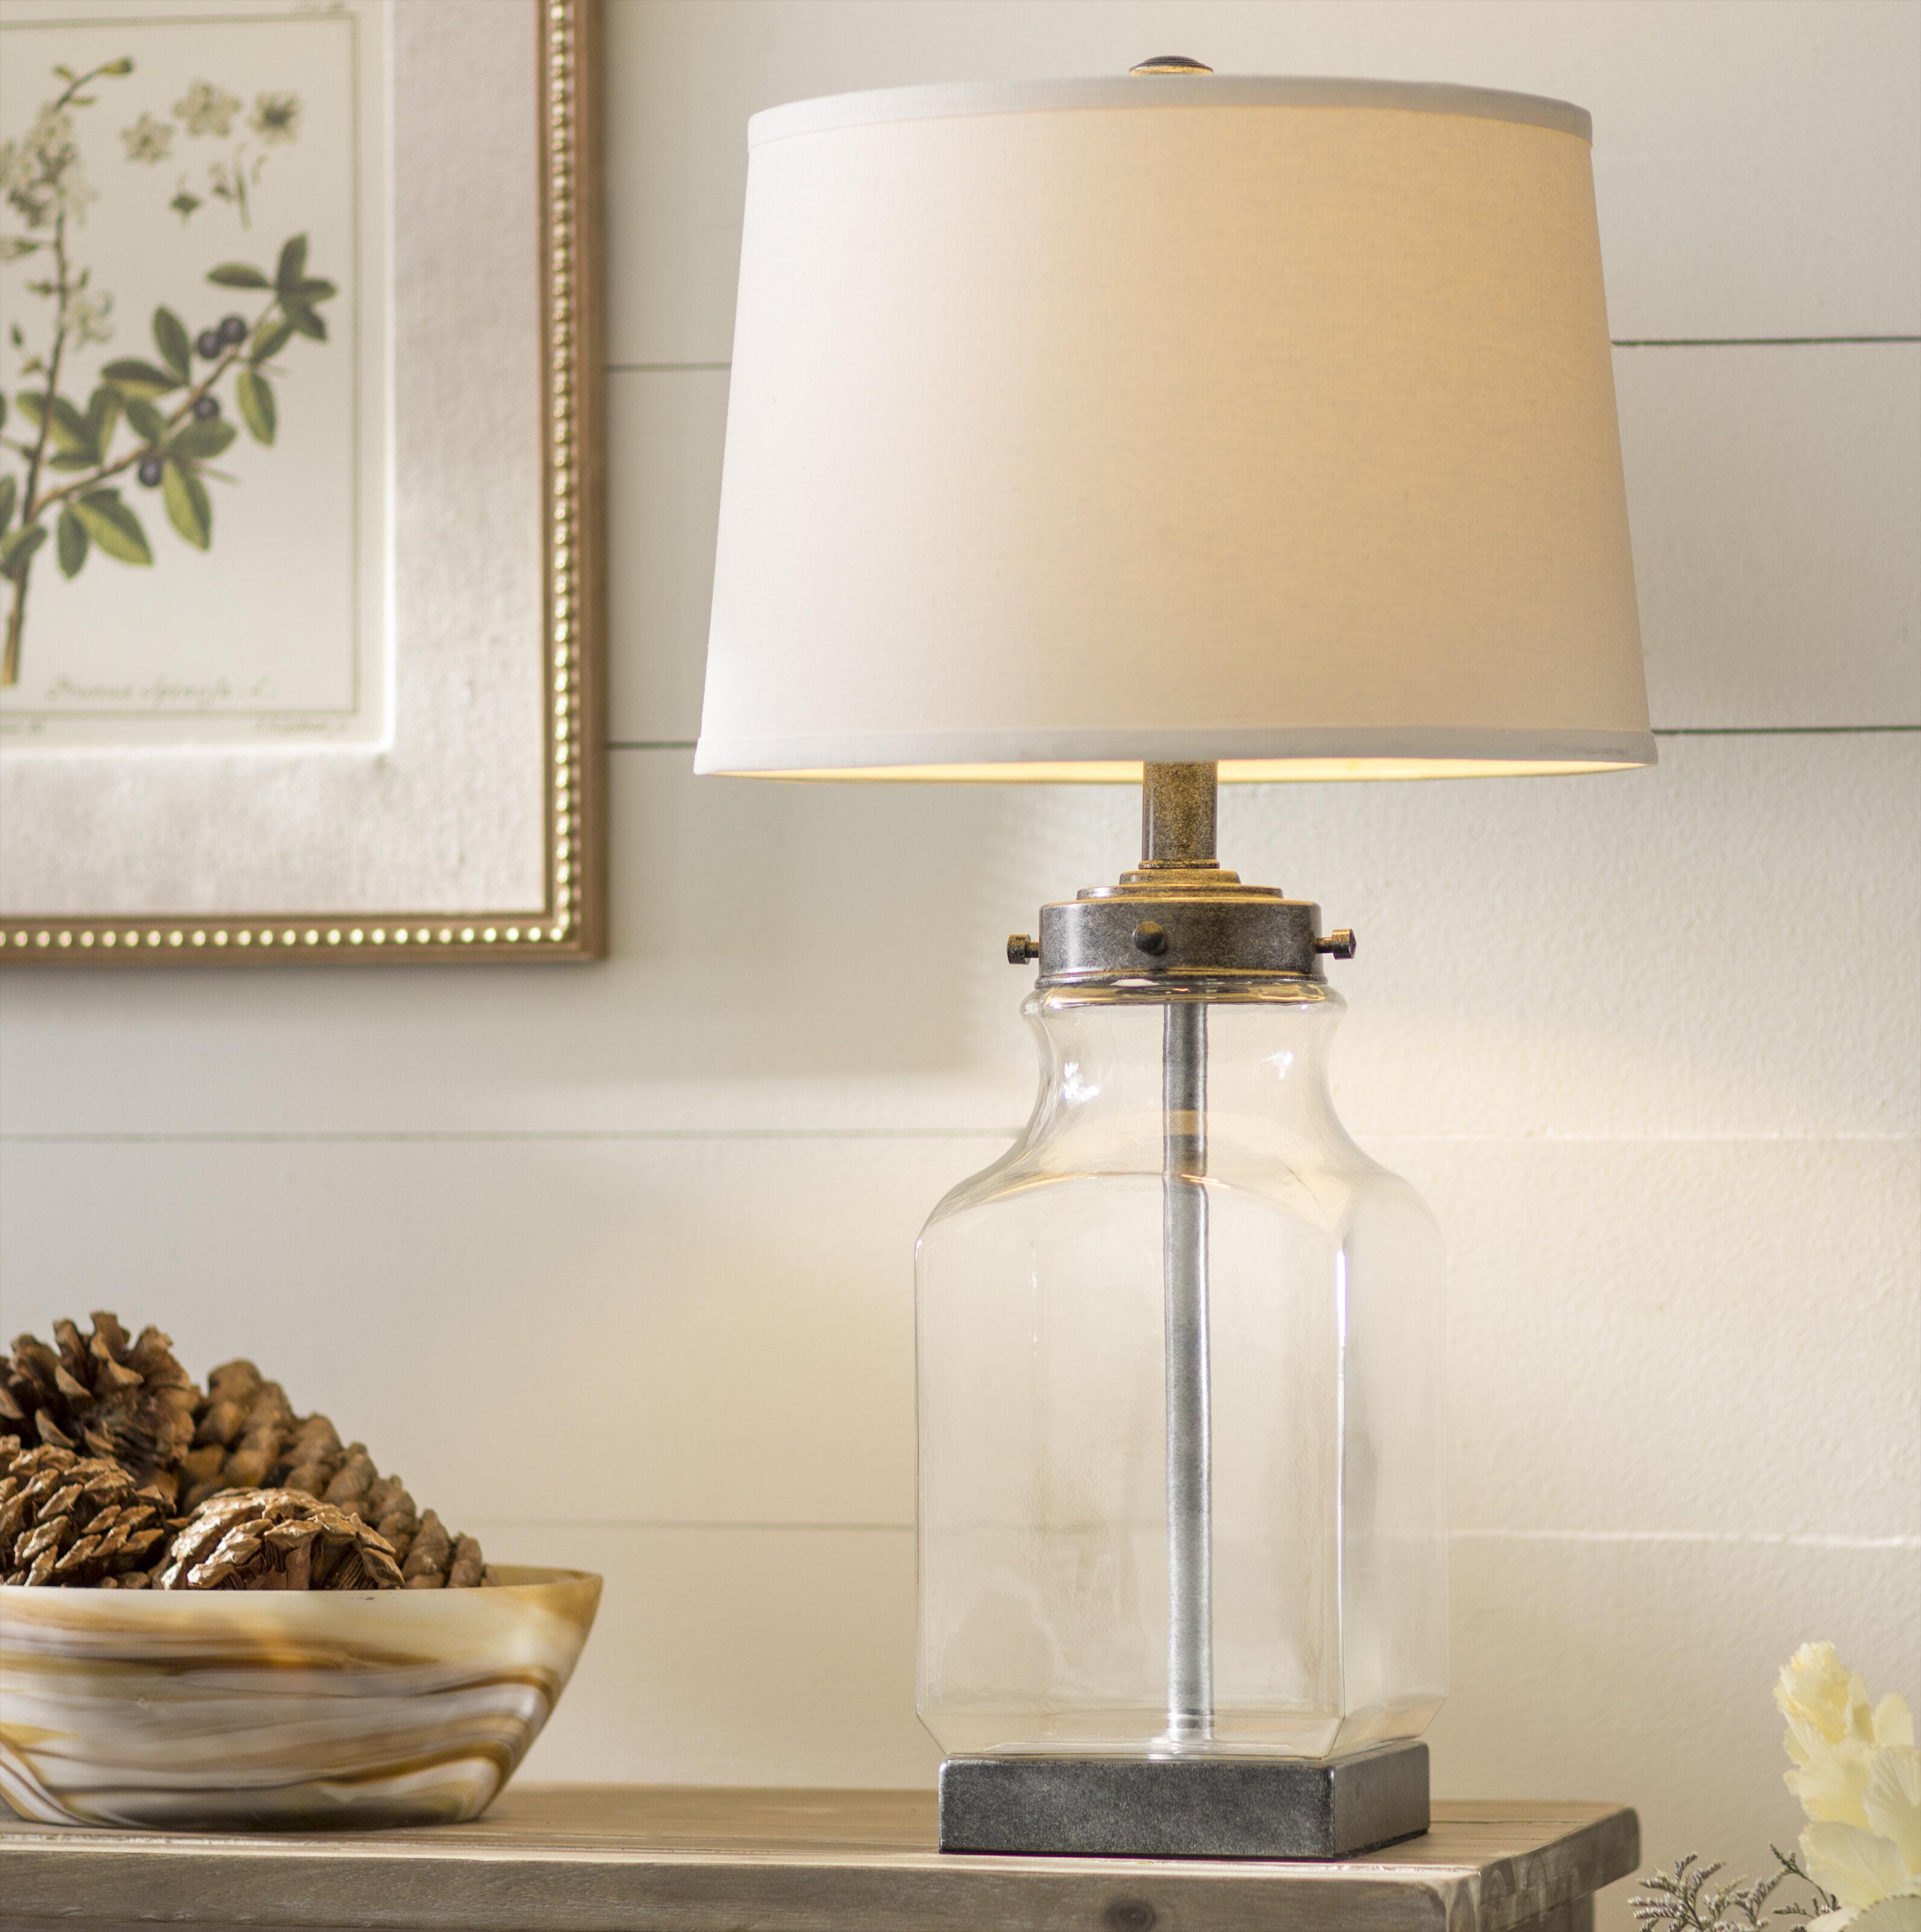 Laurel Foundry Modern Farmhouse Walnut Grove 30 Table Lamp